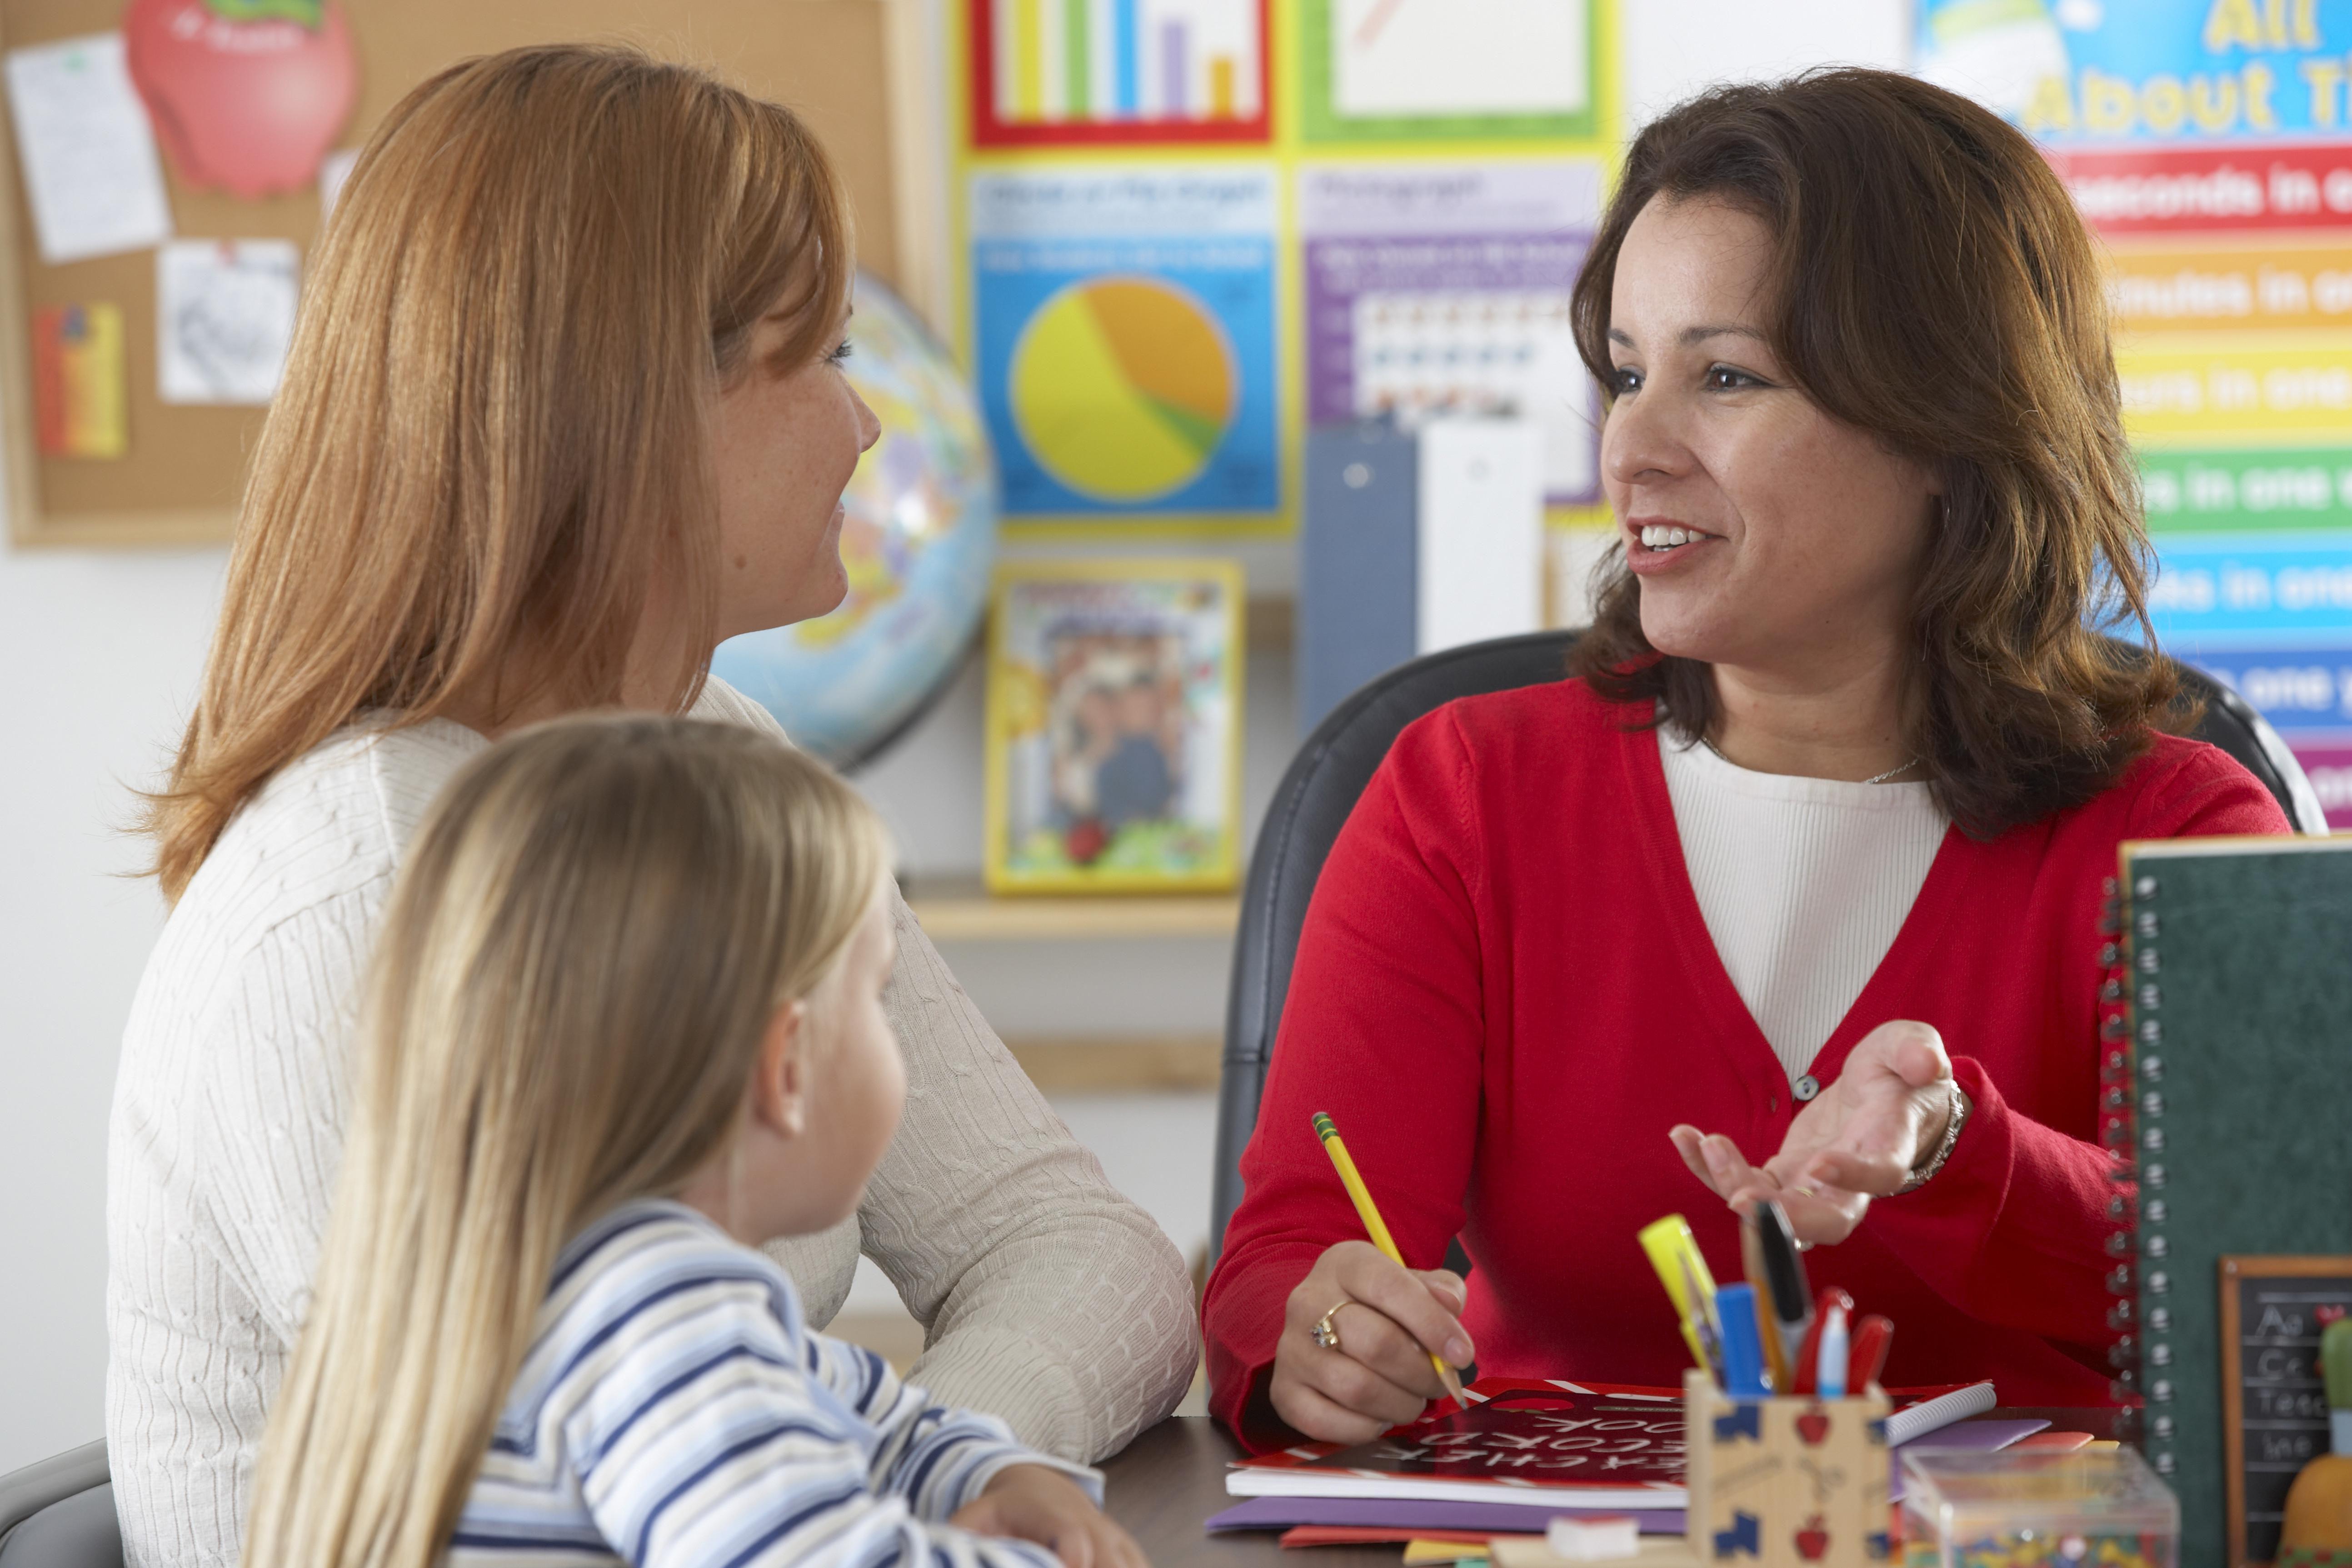 Η σωστή επικοινωνία με τους γονείς ως σημαντικό βήμα ενός θεραπευτικού πλάνου